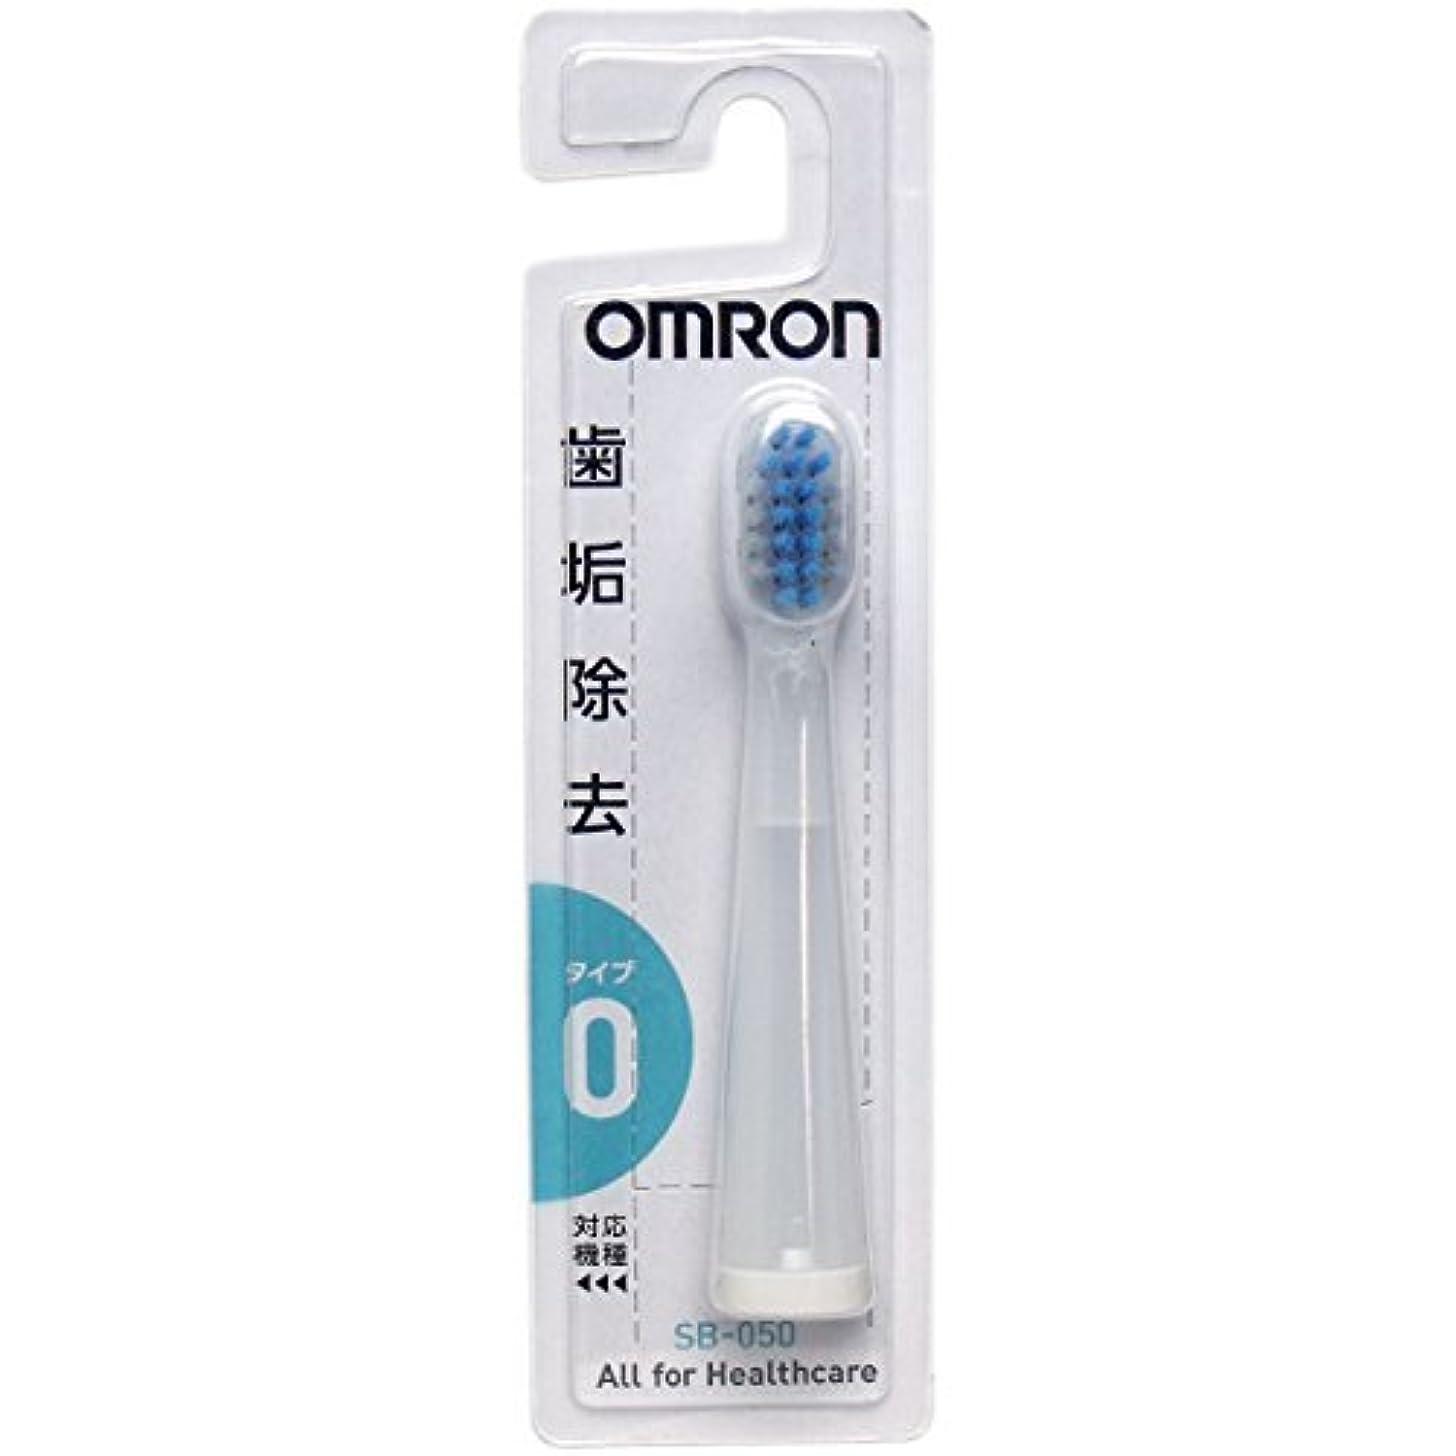 レジデンスクリップ蝶アシストオムロン 音波式電動歯ブラシ用 ダブルメリットブラシ 1個入 SB-050